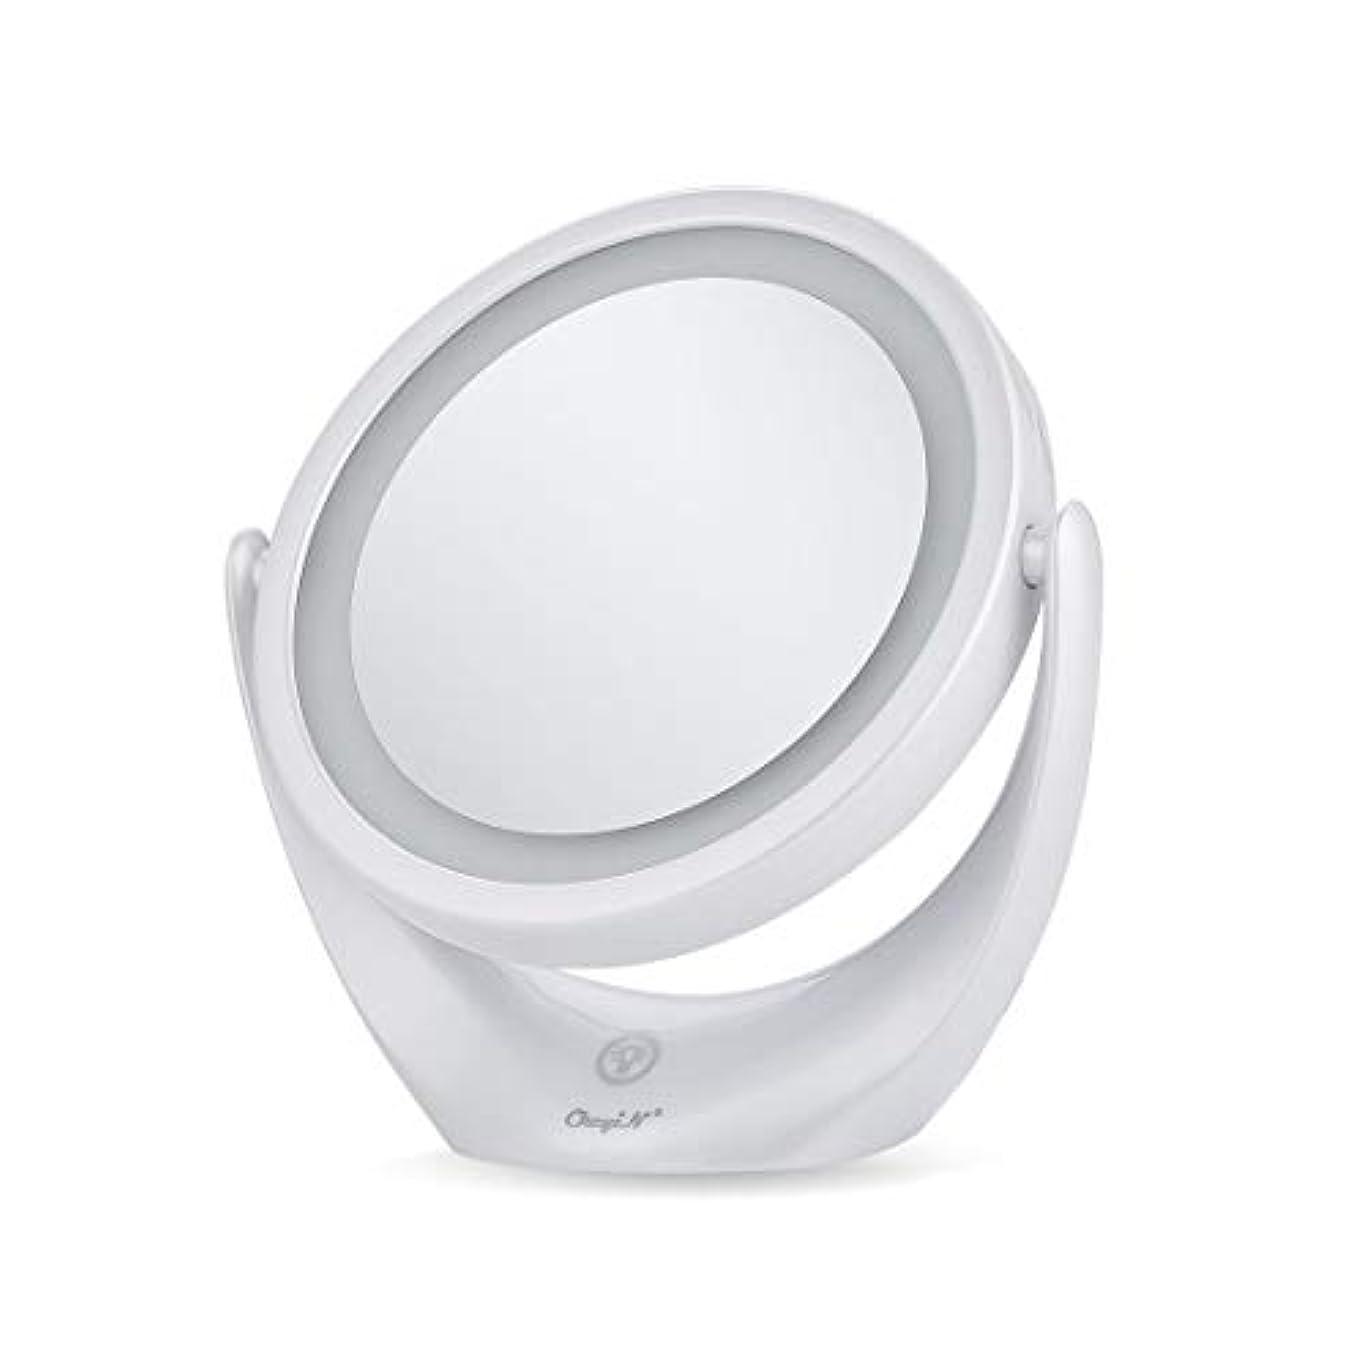 健康的アーサーコナンドイル増幅卓上ミラー 化粧鏡 スタンドミラー 鏡 両面鏡 浴室鏡 メイクミラー led付き 充電式 1倍/5倍拡大鏡 明るさ調節 360度回転